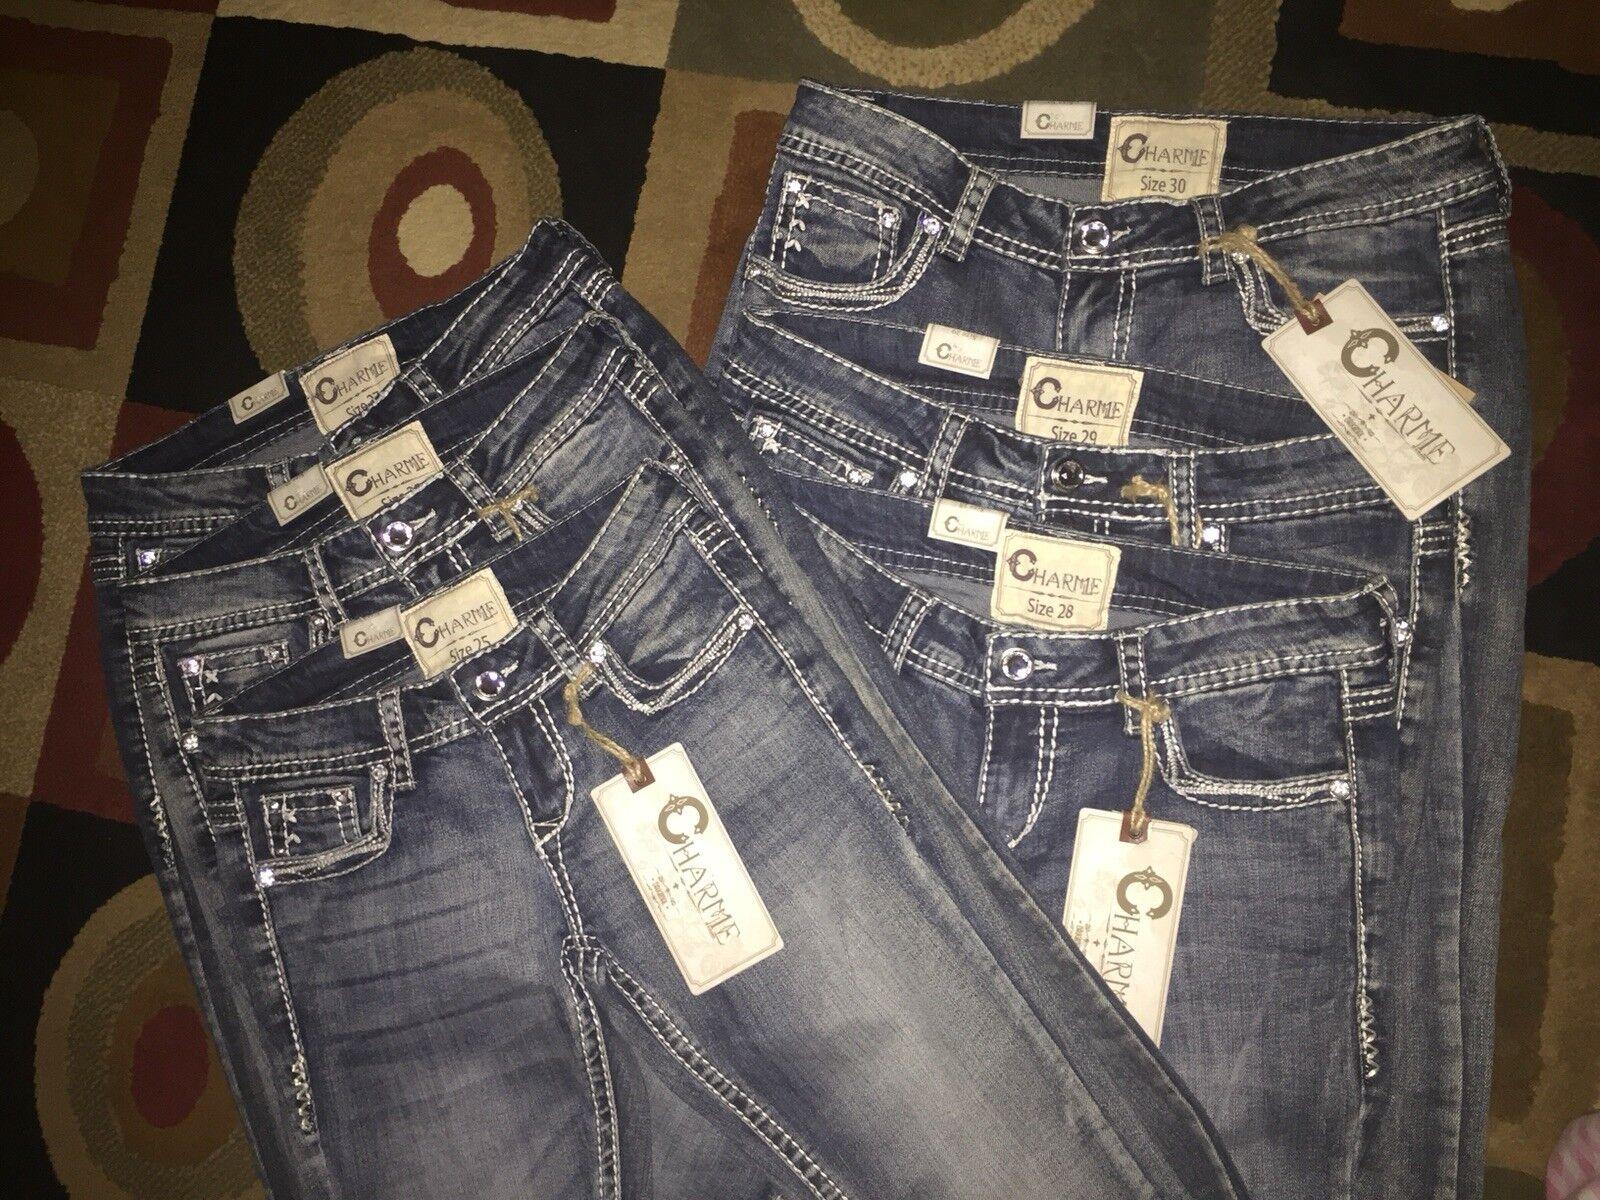 Charme Jeans by Grace In L.A. - Western Bootcut Jeans SKU  CJB-5953-OTS